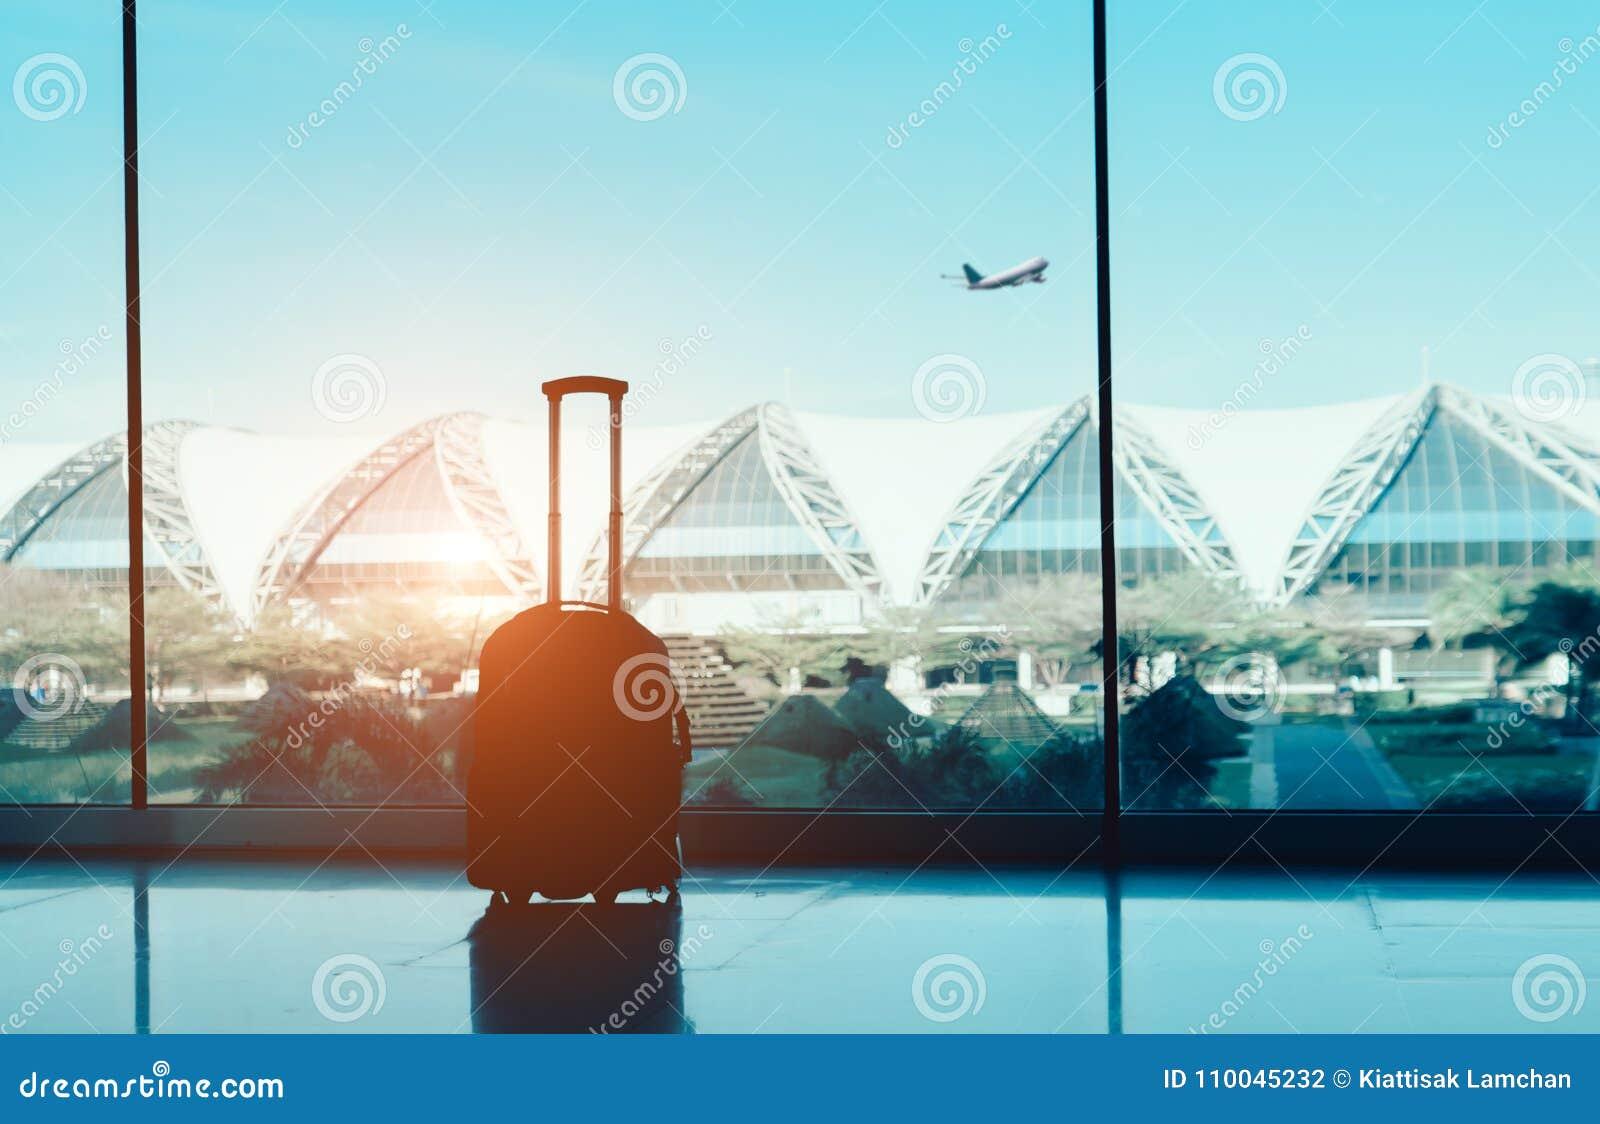 Siluetee la maleta, el equipaje en ventana lateral en el international del terminal de aeropuerto y el aeroplano afuera en vuelo